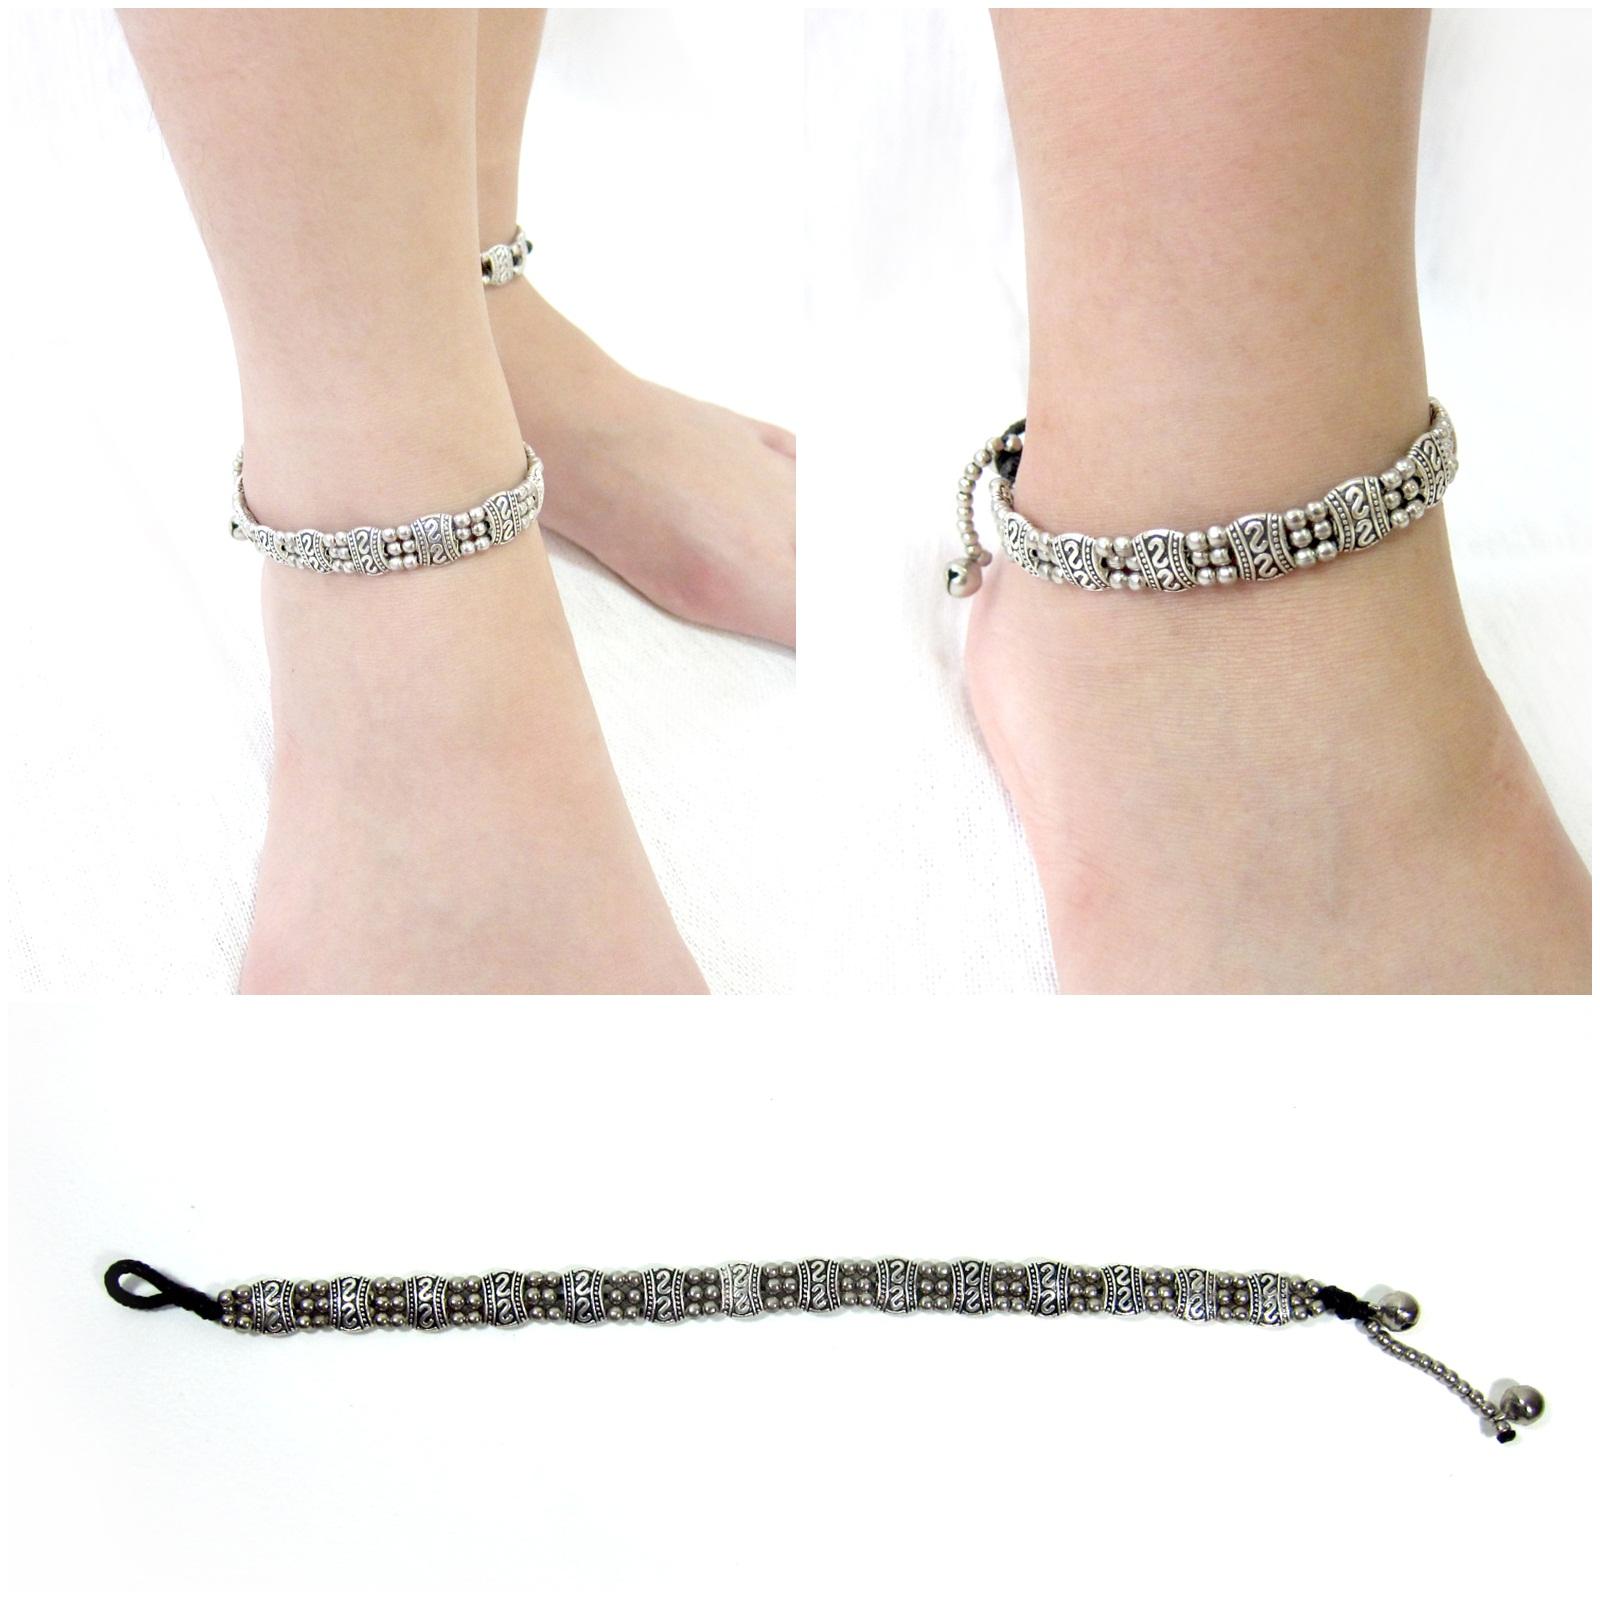 Jinlge Jangle Adjustable Wax String Anklet  Brass Bell Anklet  Wax Cord Anklet  Surfer Anklet